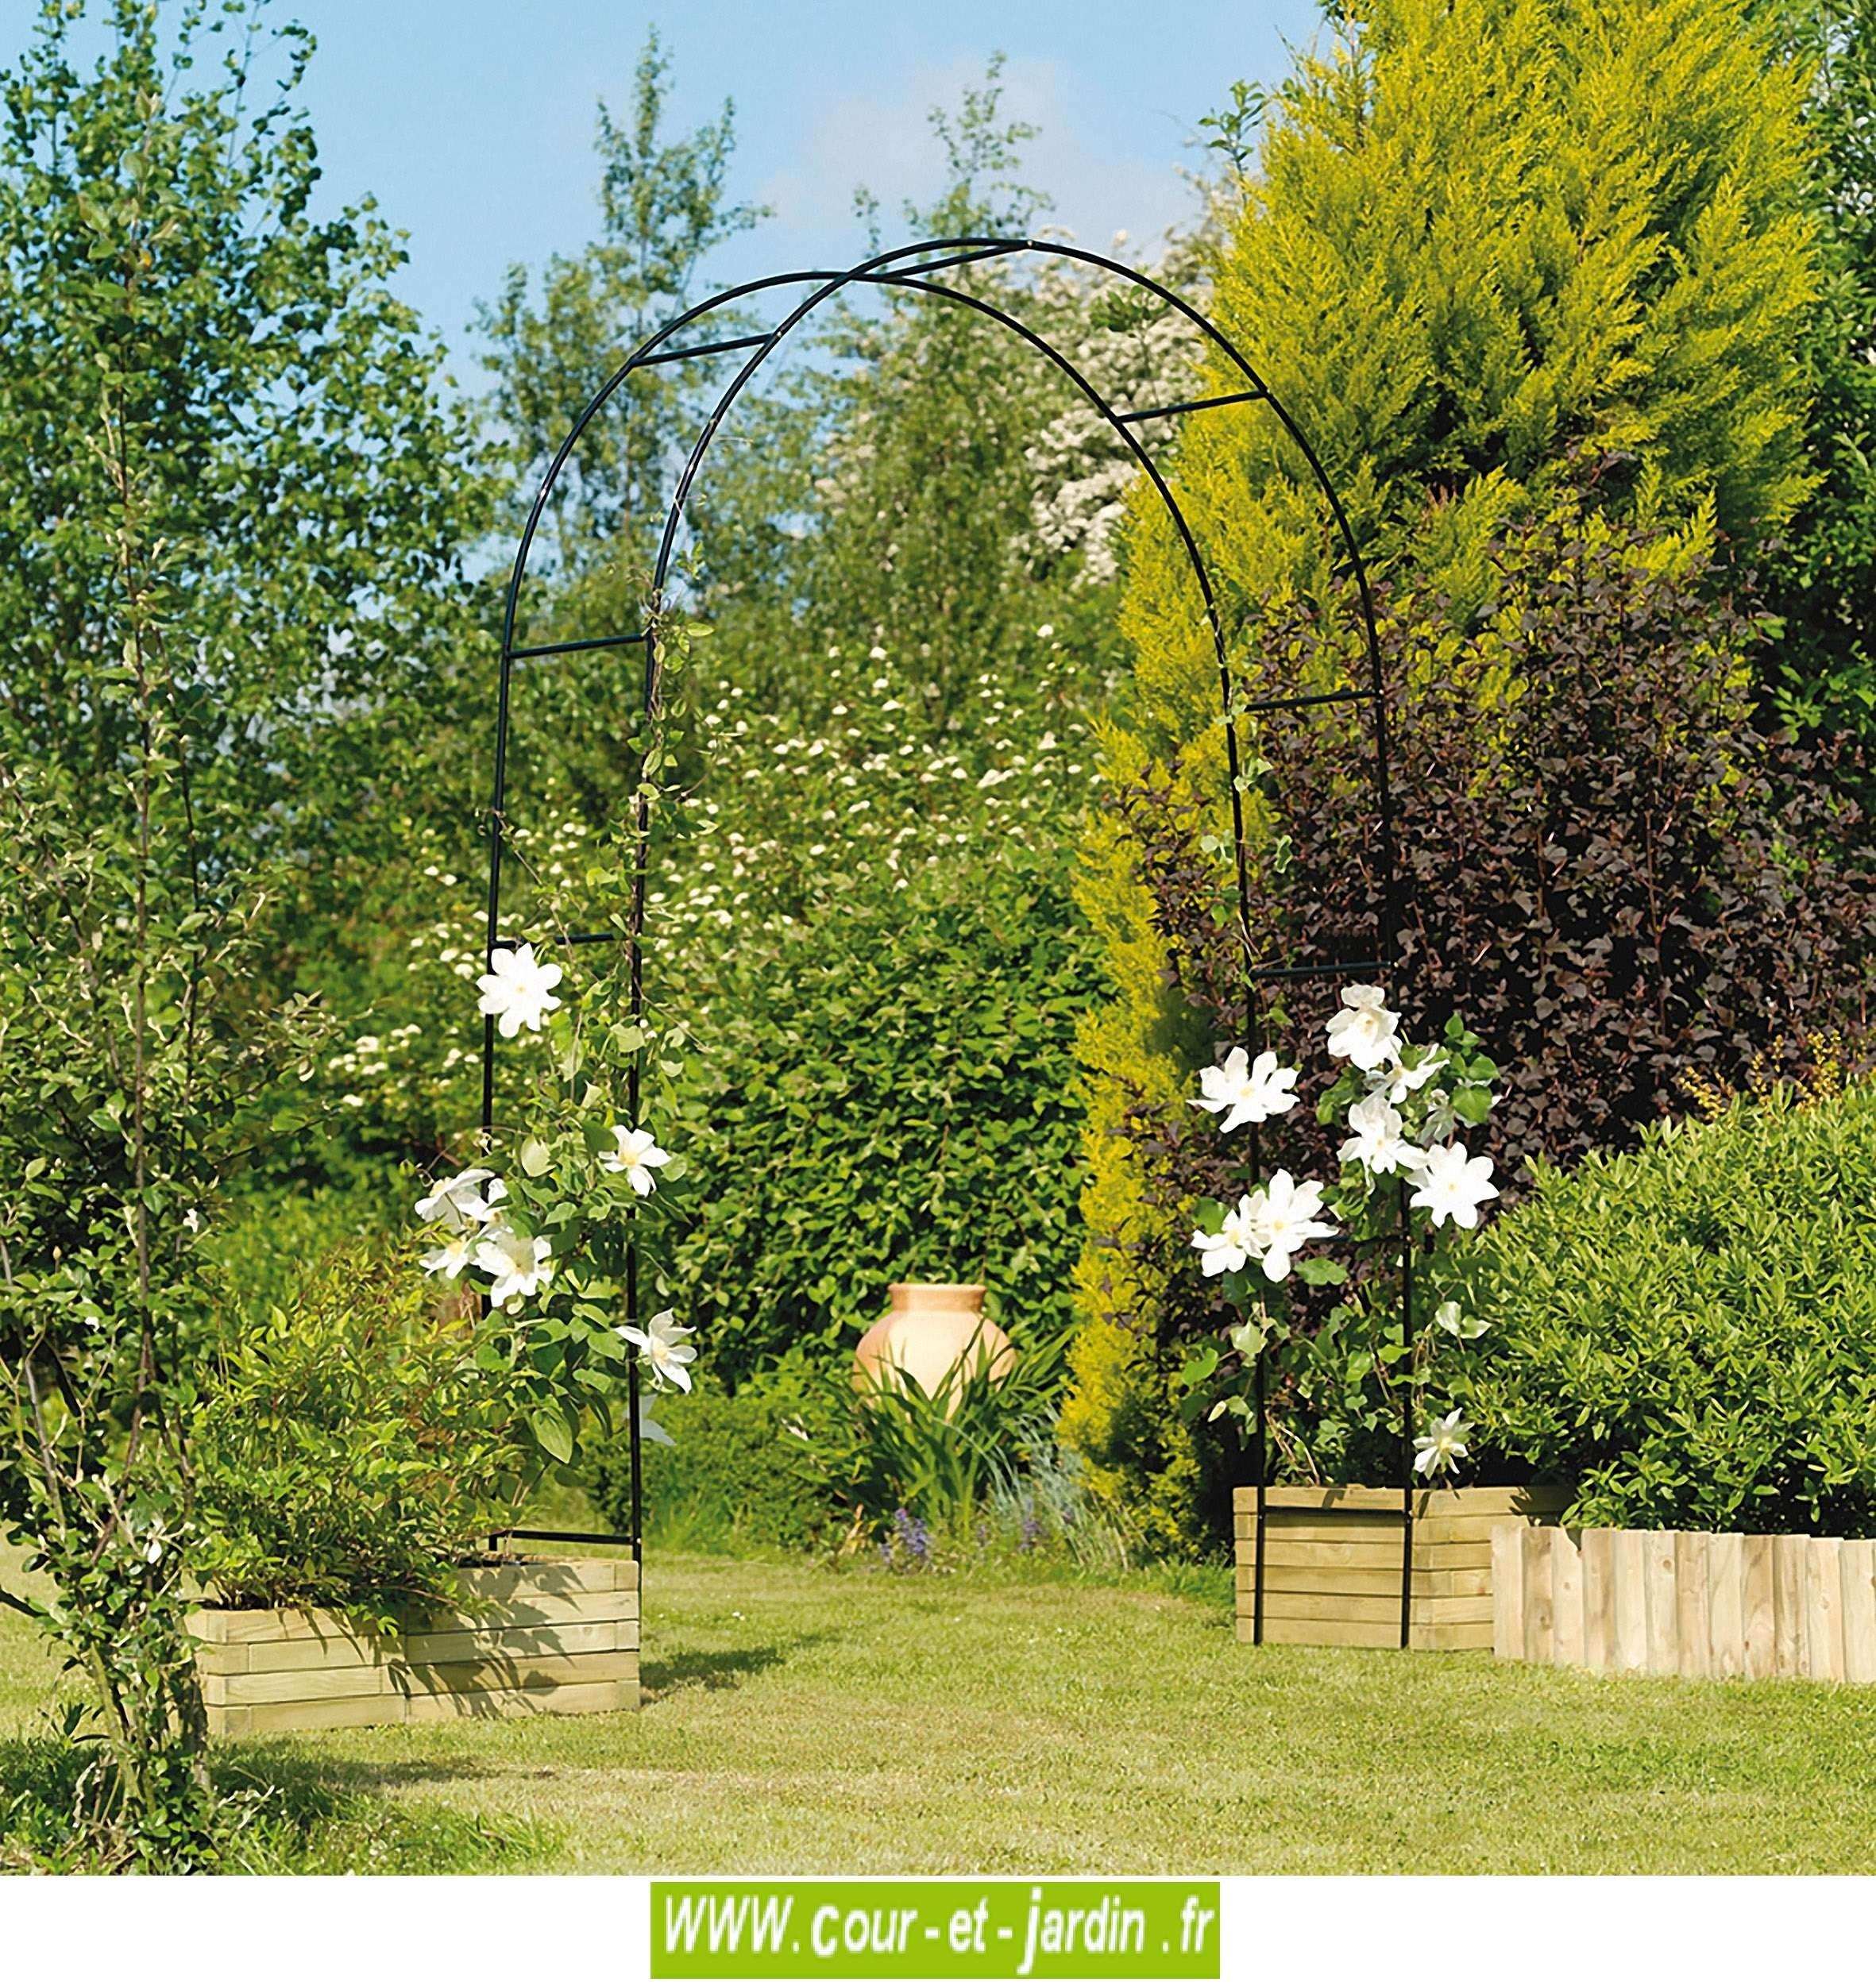 Arche De Jardin, En Métal Easy Arch - Pergola De Jardin ... pour Arche De Jardin En Fer